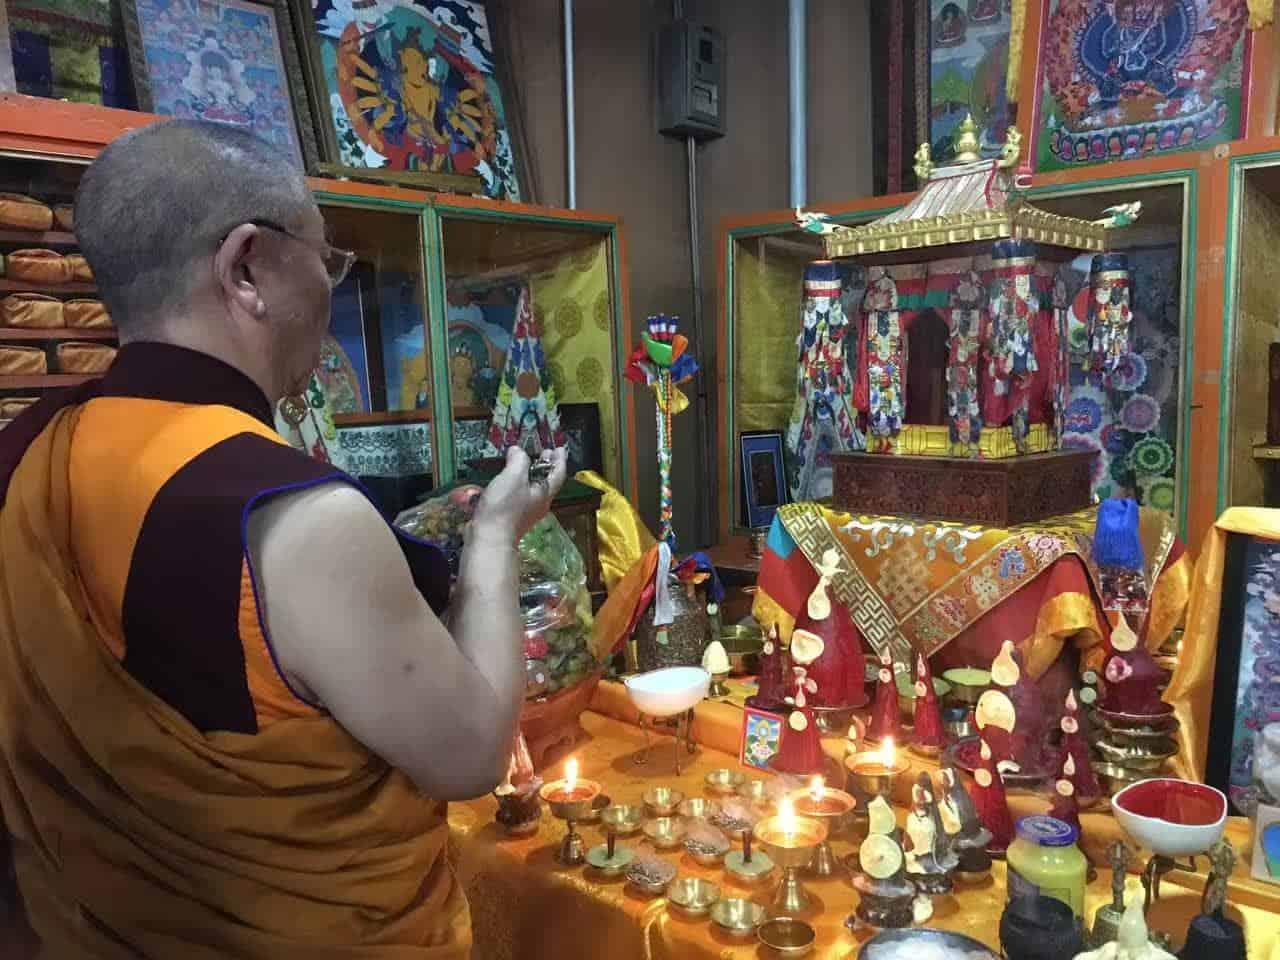 gosok-rinpoche-mongolia-2016-71603e2222a748df7901bcda88f4025